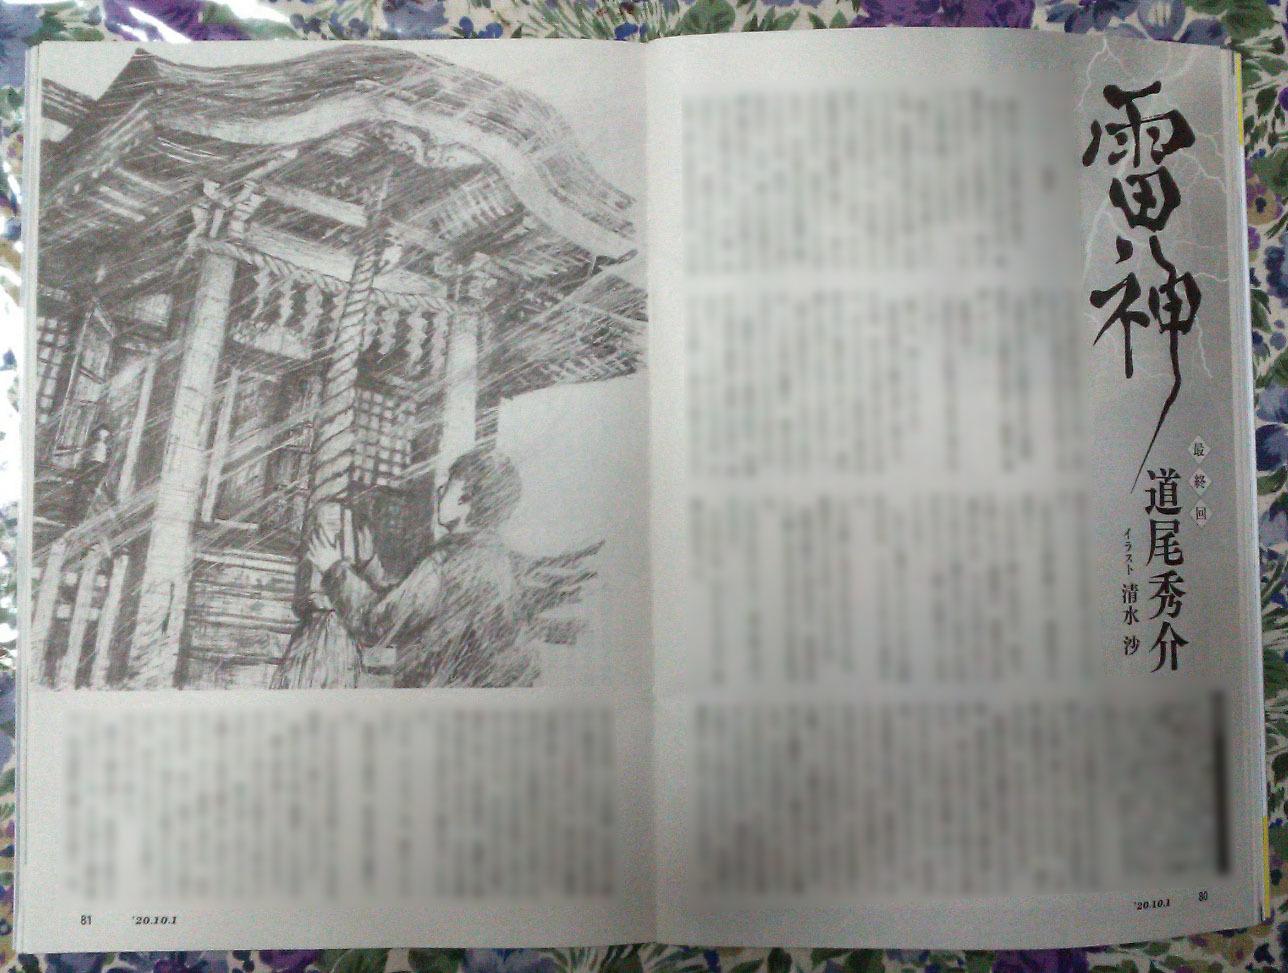 週刊新潮「雷神」挿絵 第36回〜最終回_b0136144_05355982.jpg